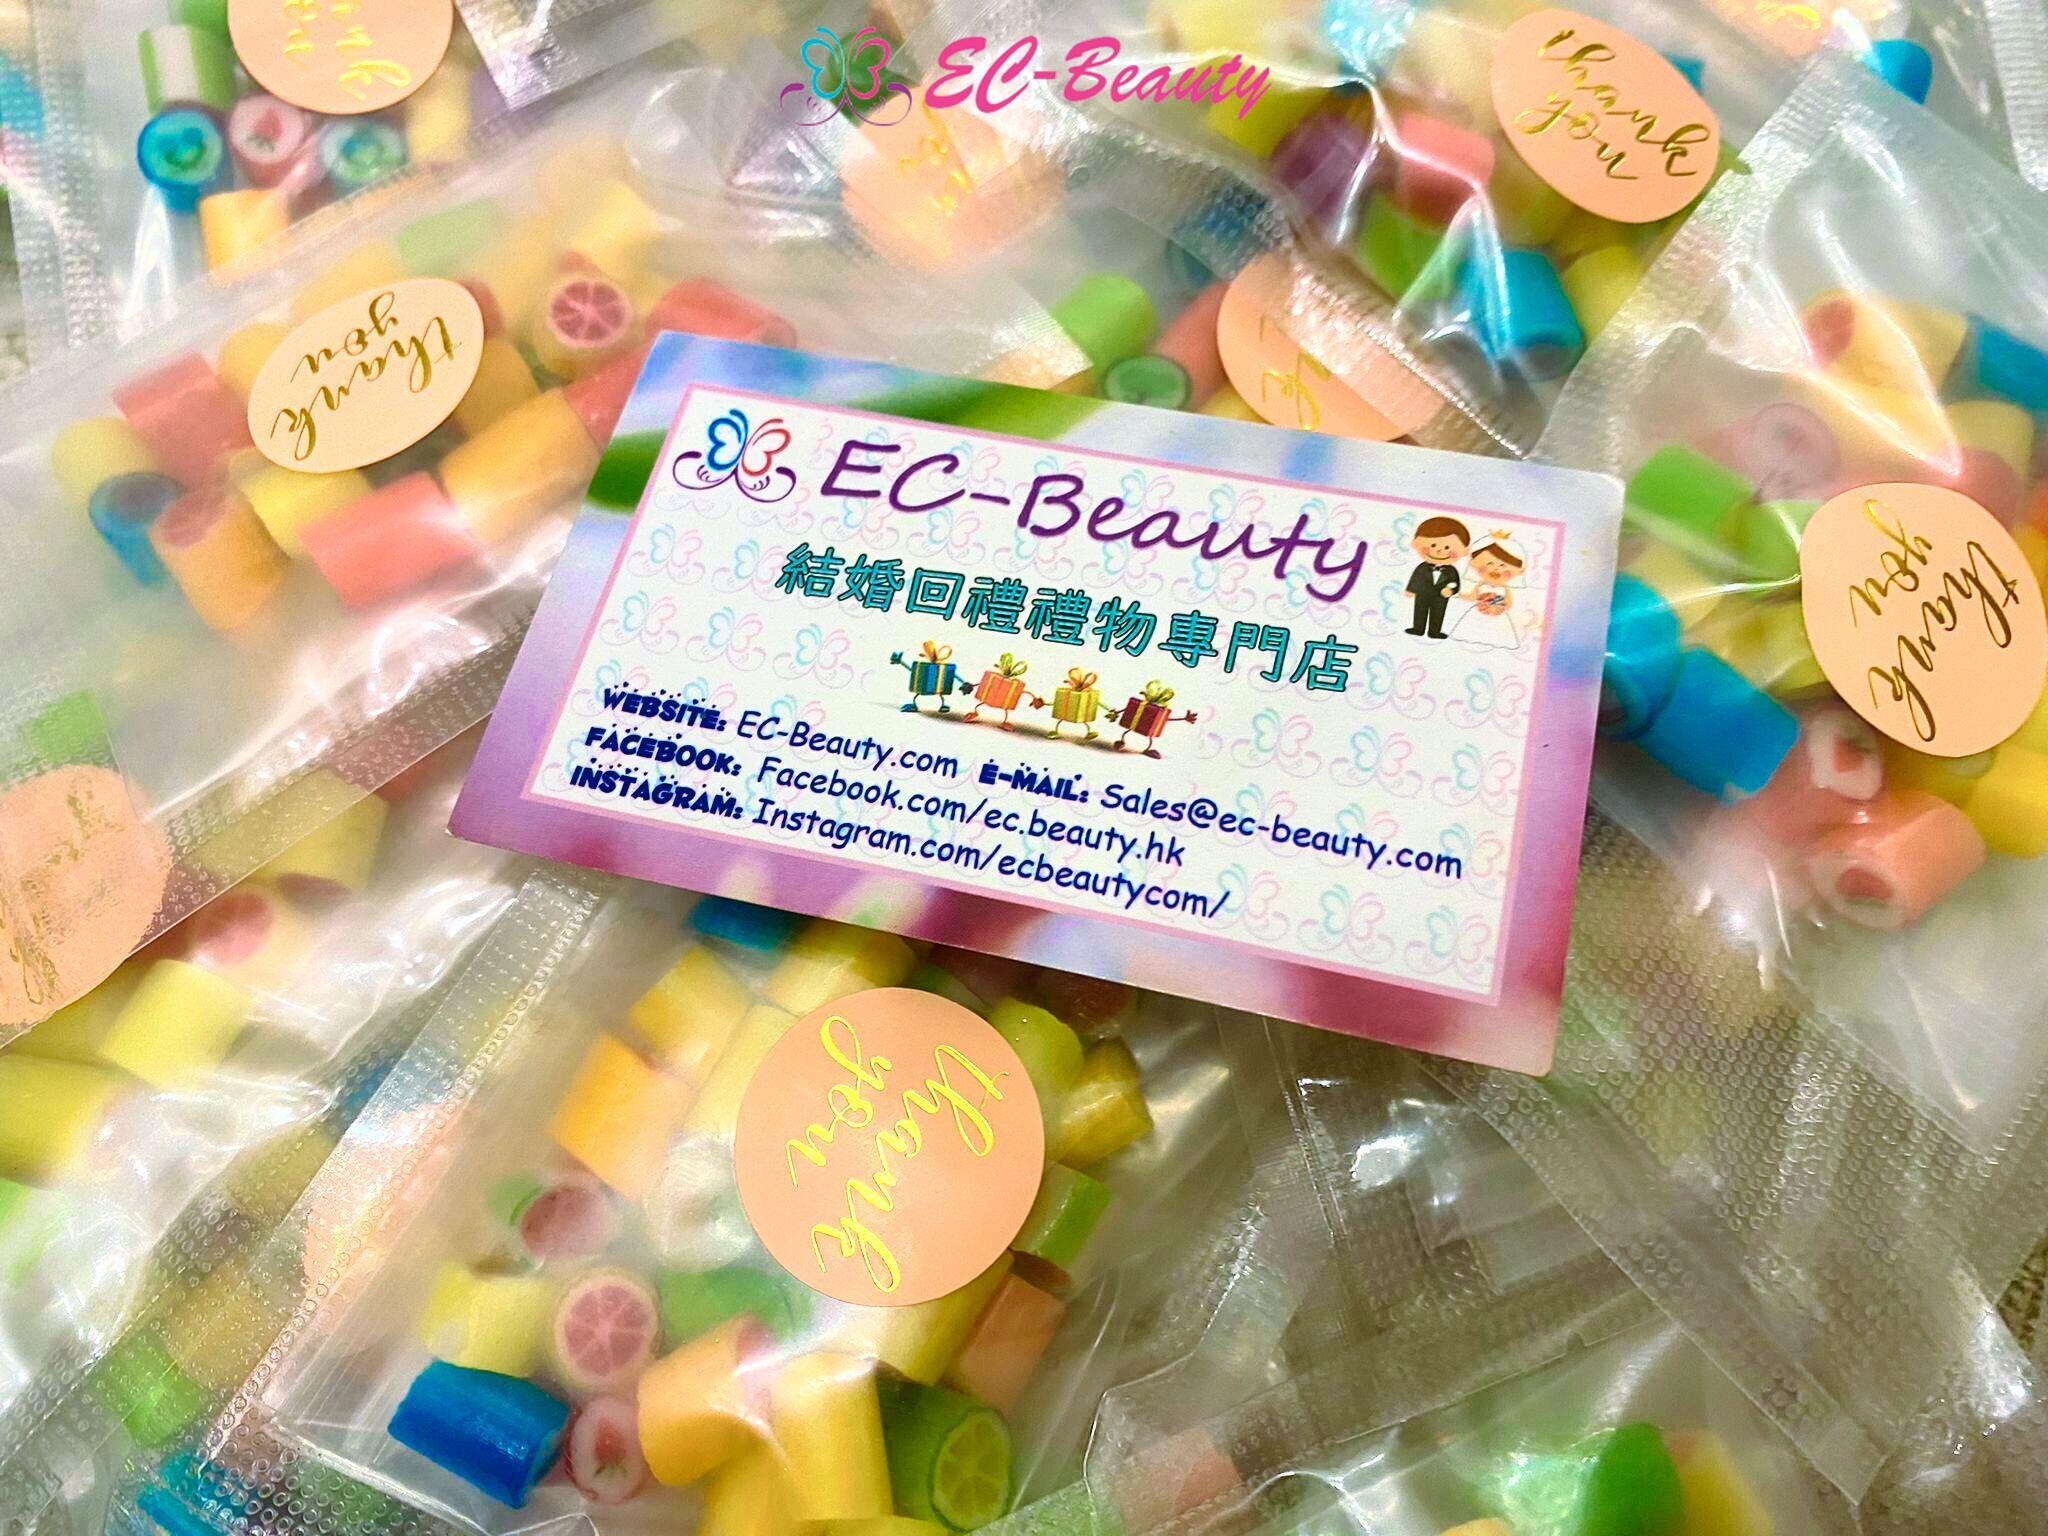 EC-Beauty 結婚回禮禮物 手工切片糖